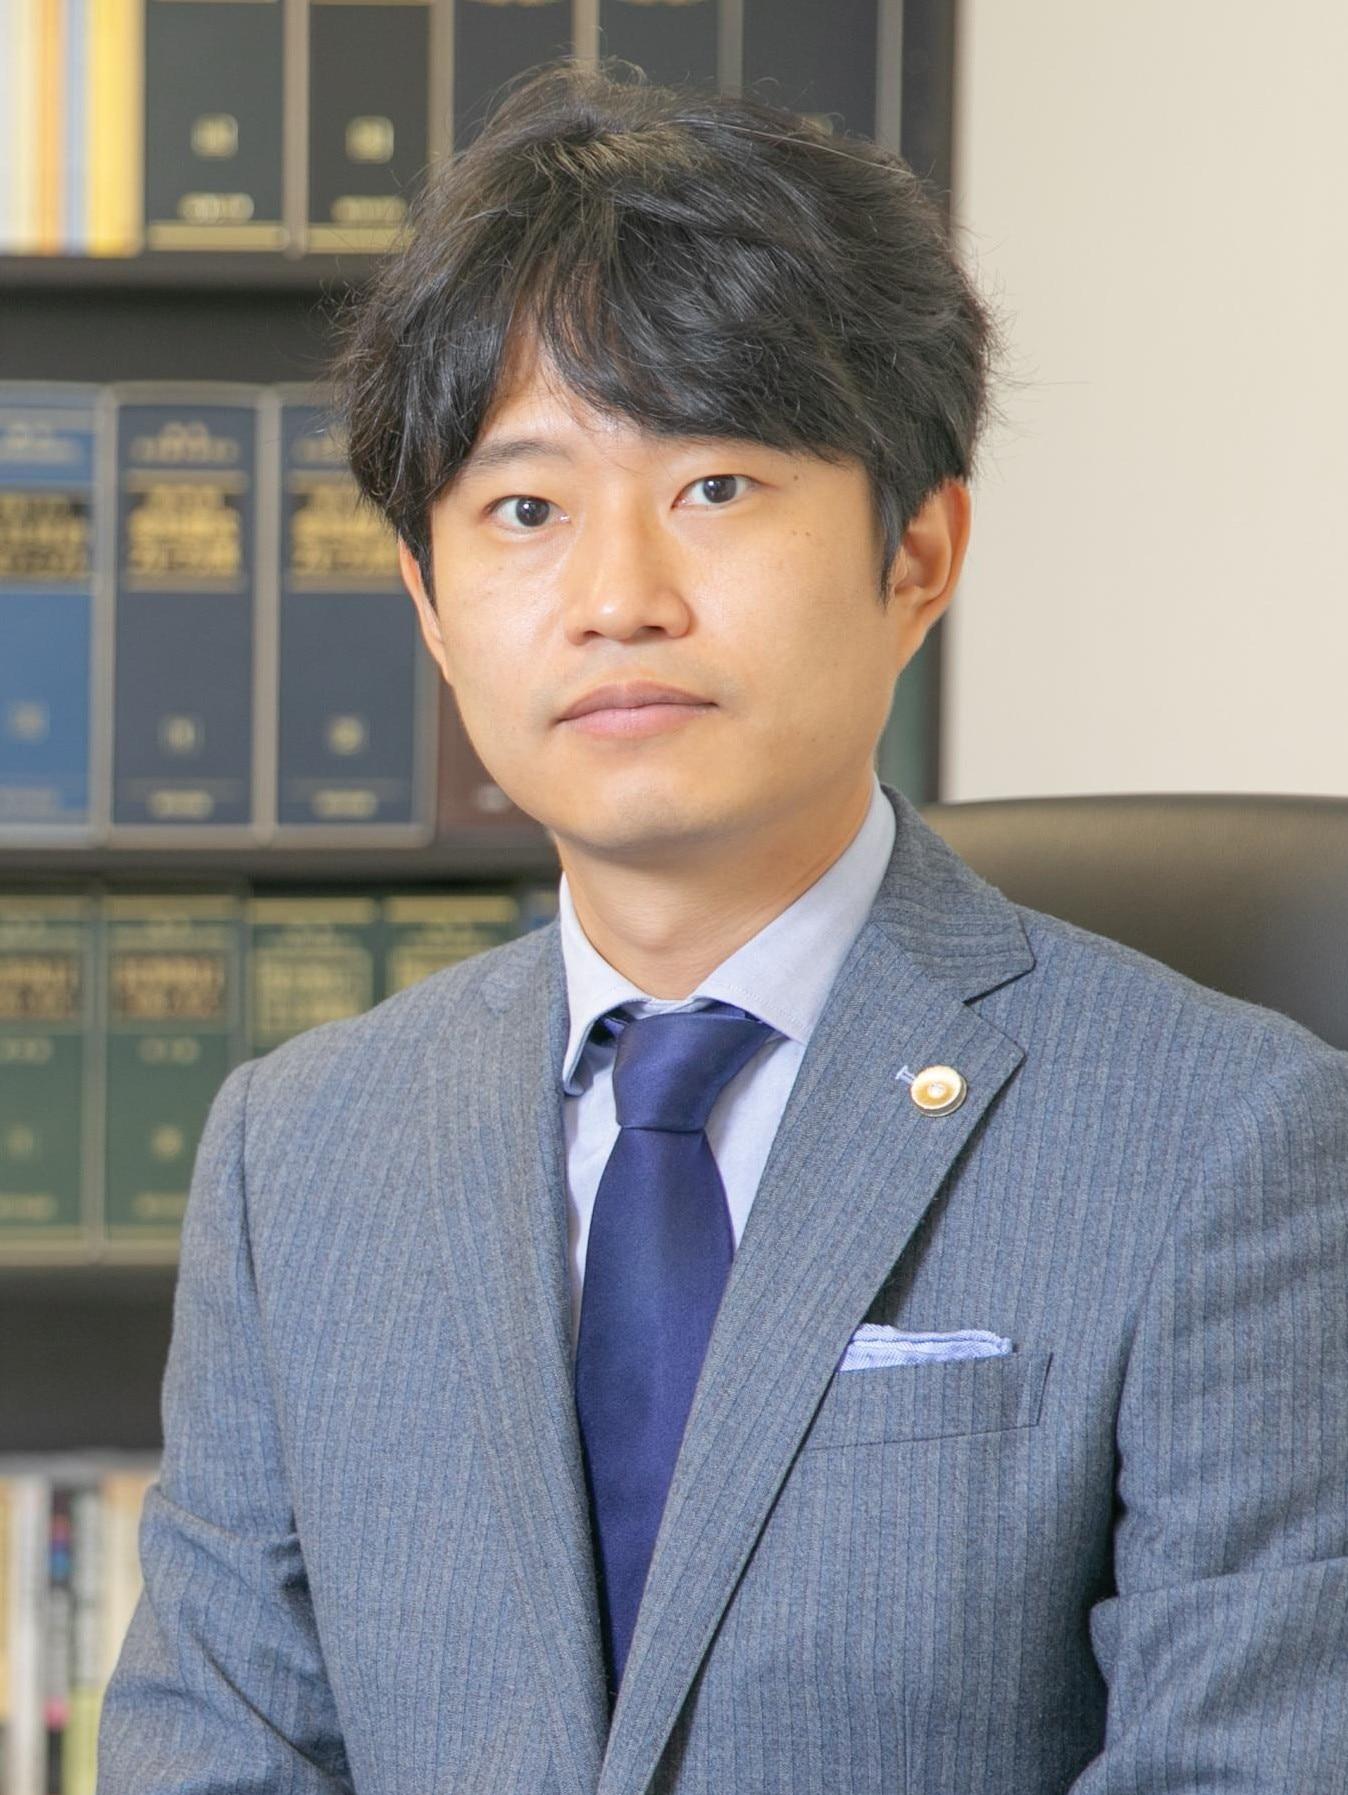 竹中 翔弁護士